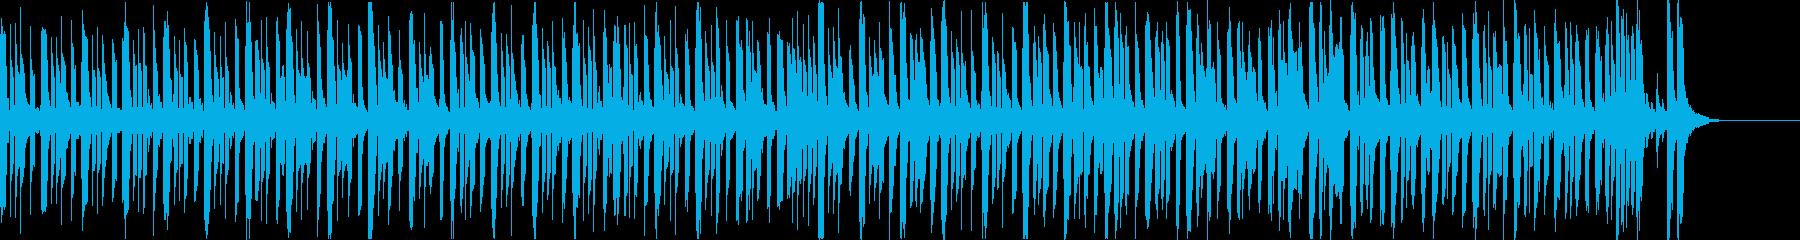 チグハグな雰囲気違和感のある場面のBGMの再生済みの波形